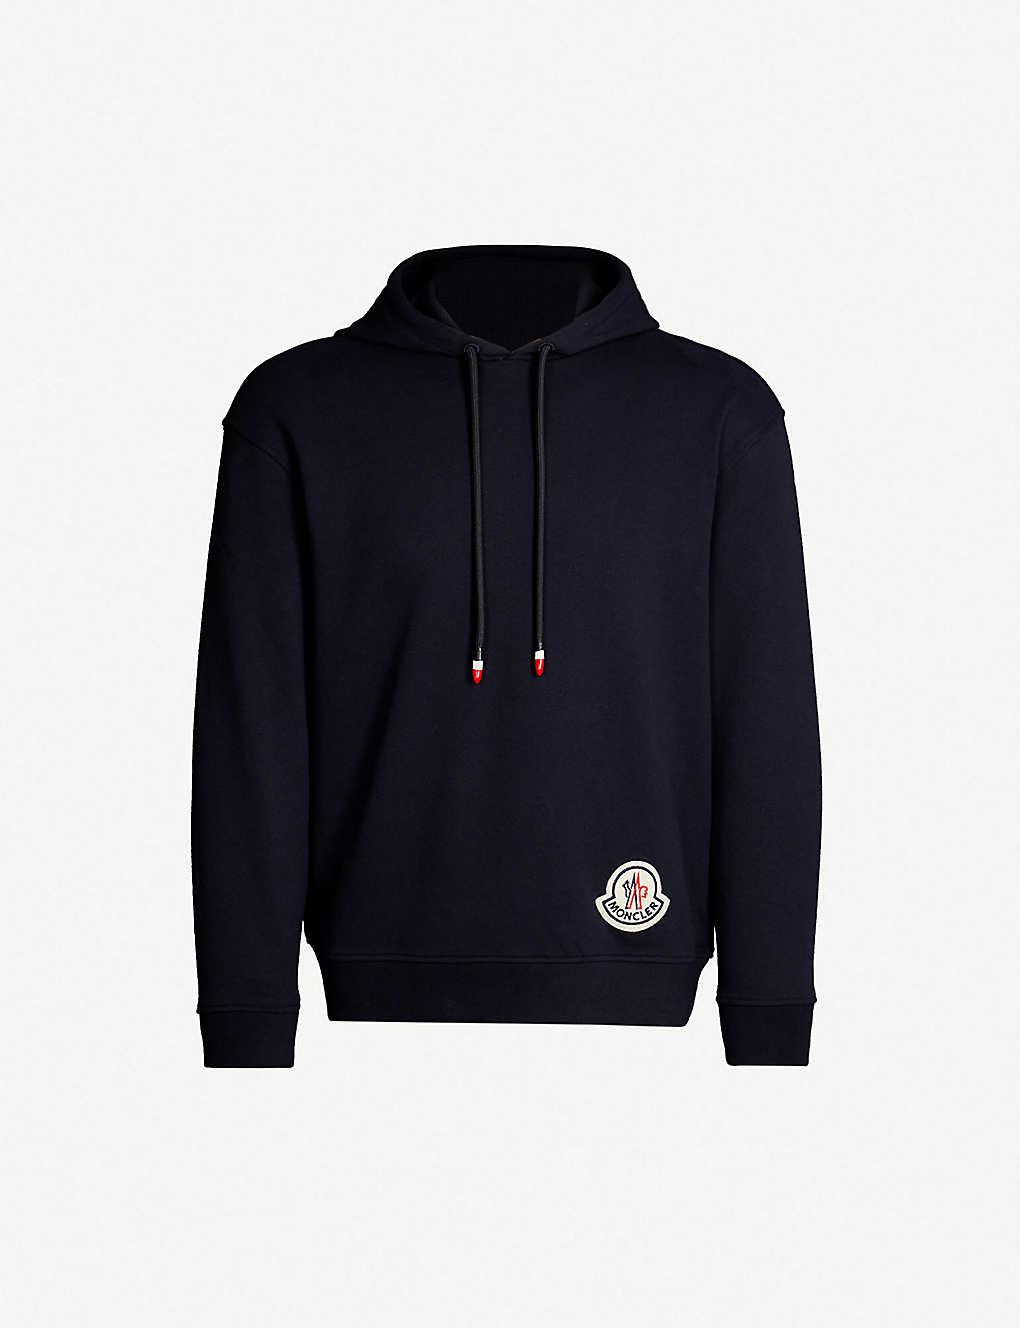 2f5c169d9 MONCLER GENIUS - Moncler 2 1952 logo-appliquéd cotton-jersey hoody ...